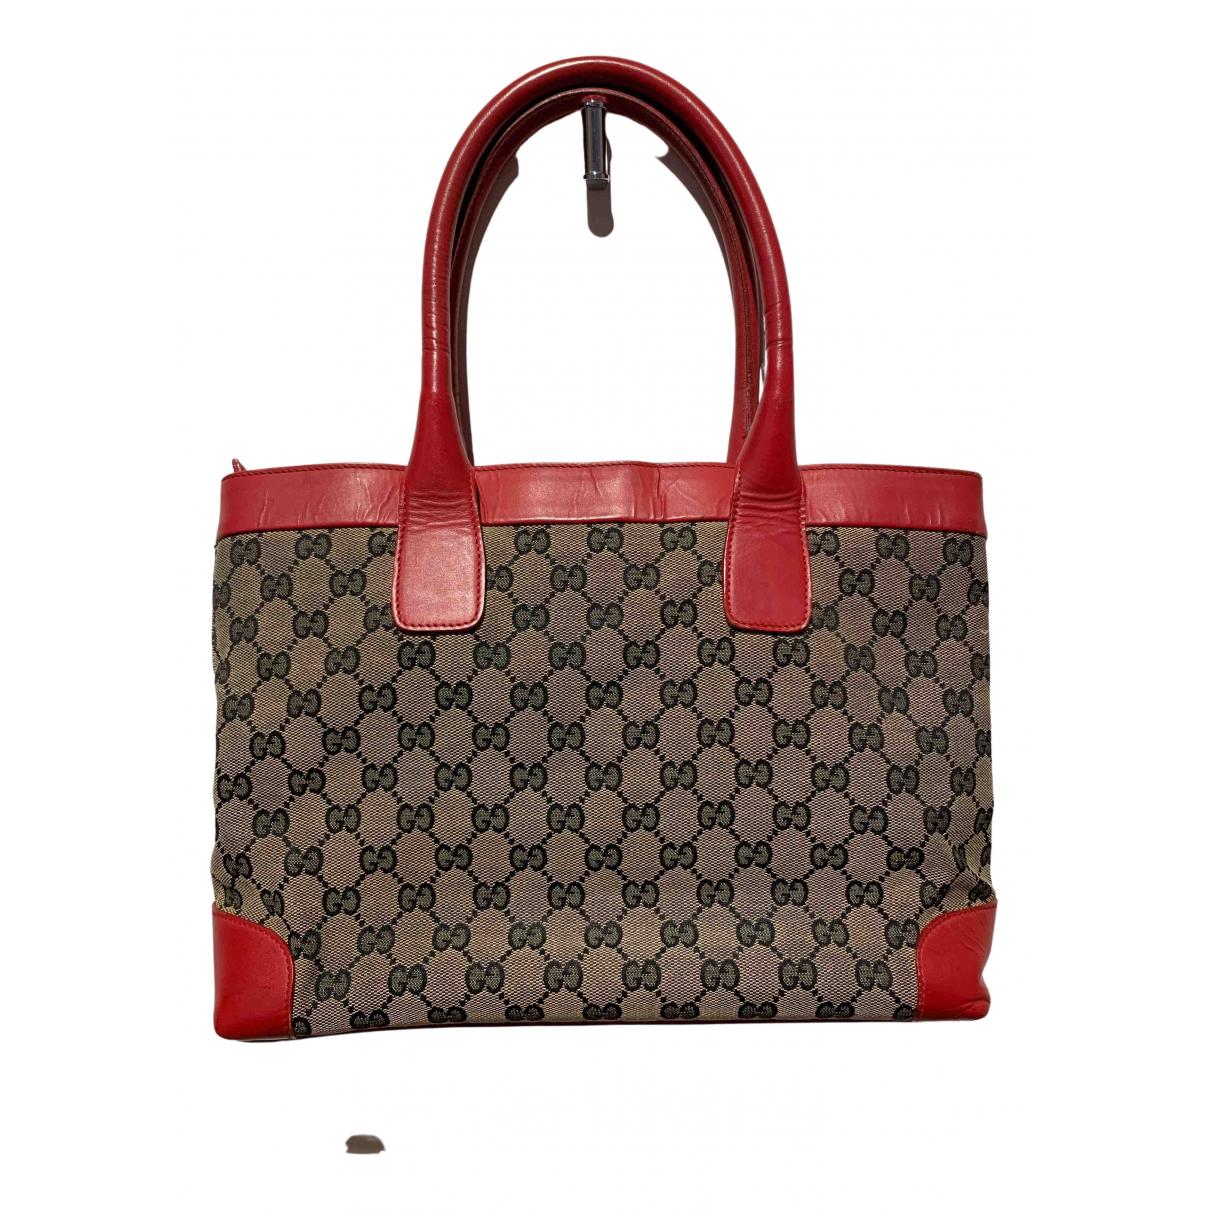 Gucci - Sac a main   pour femme en toile - rouge